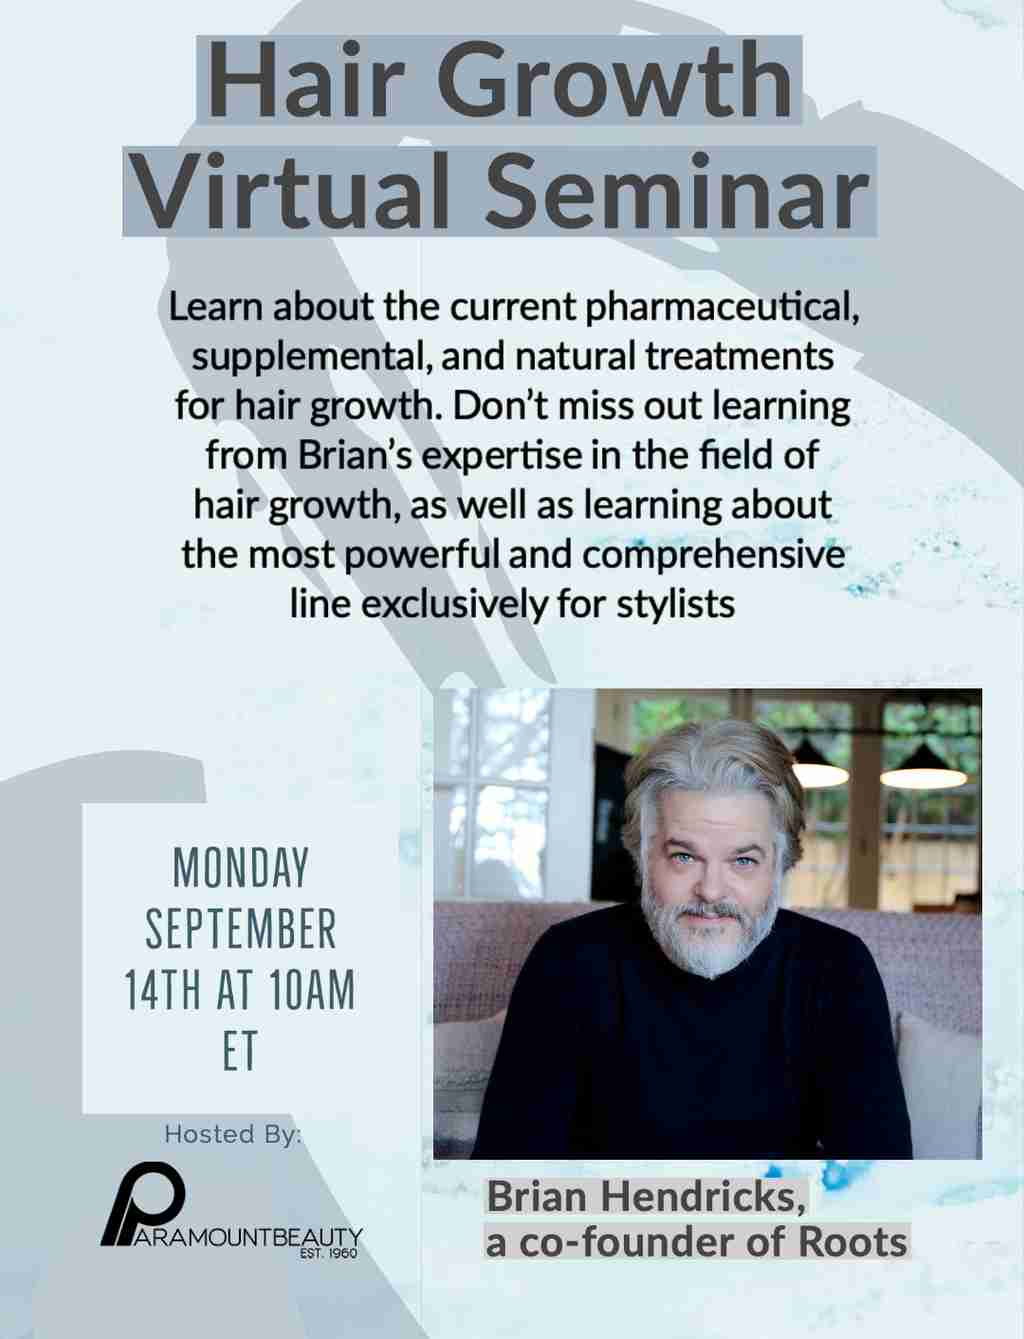 Hair Growth Virtual Seminar